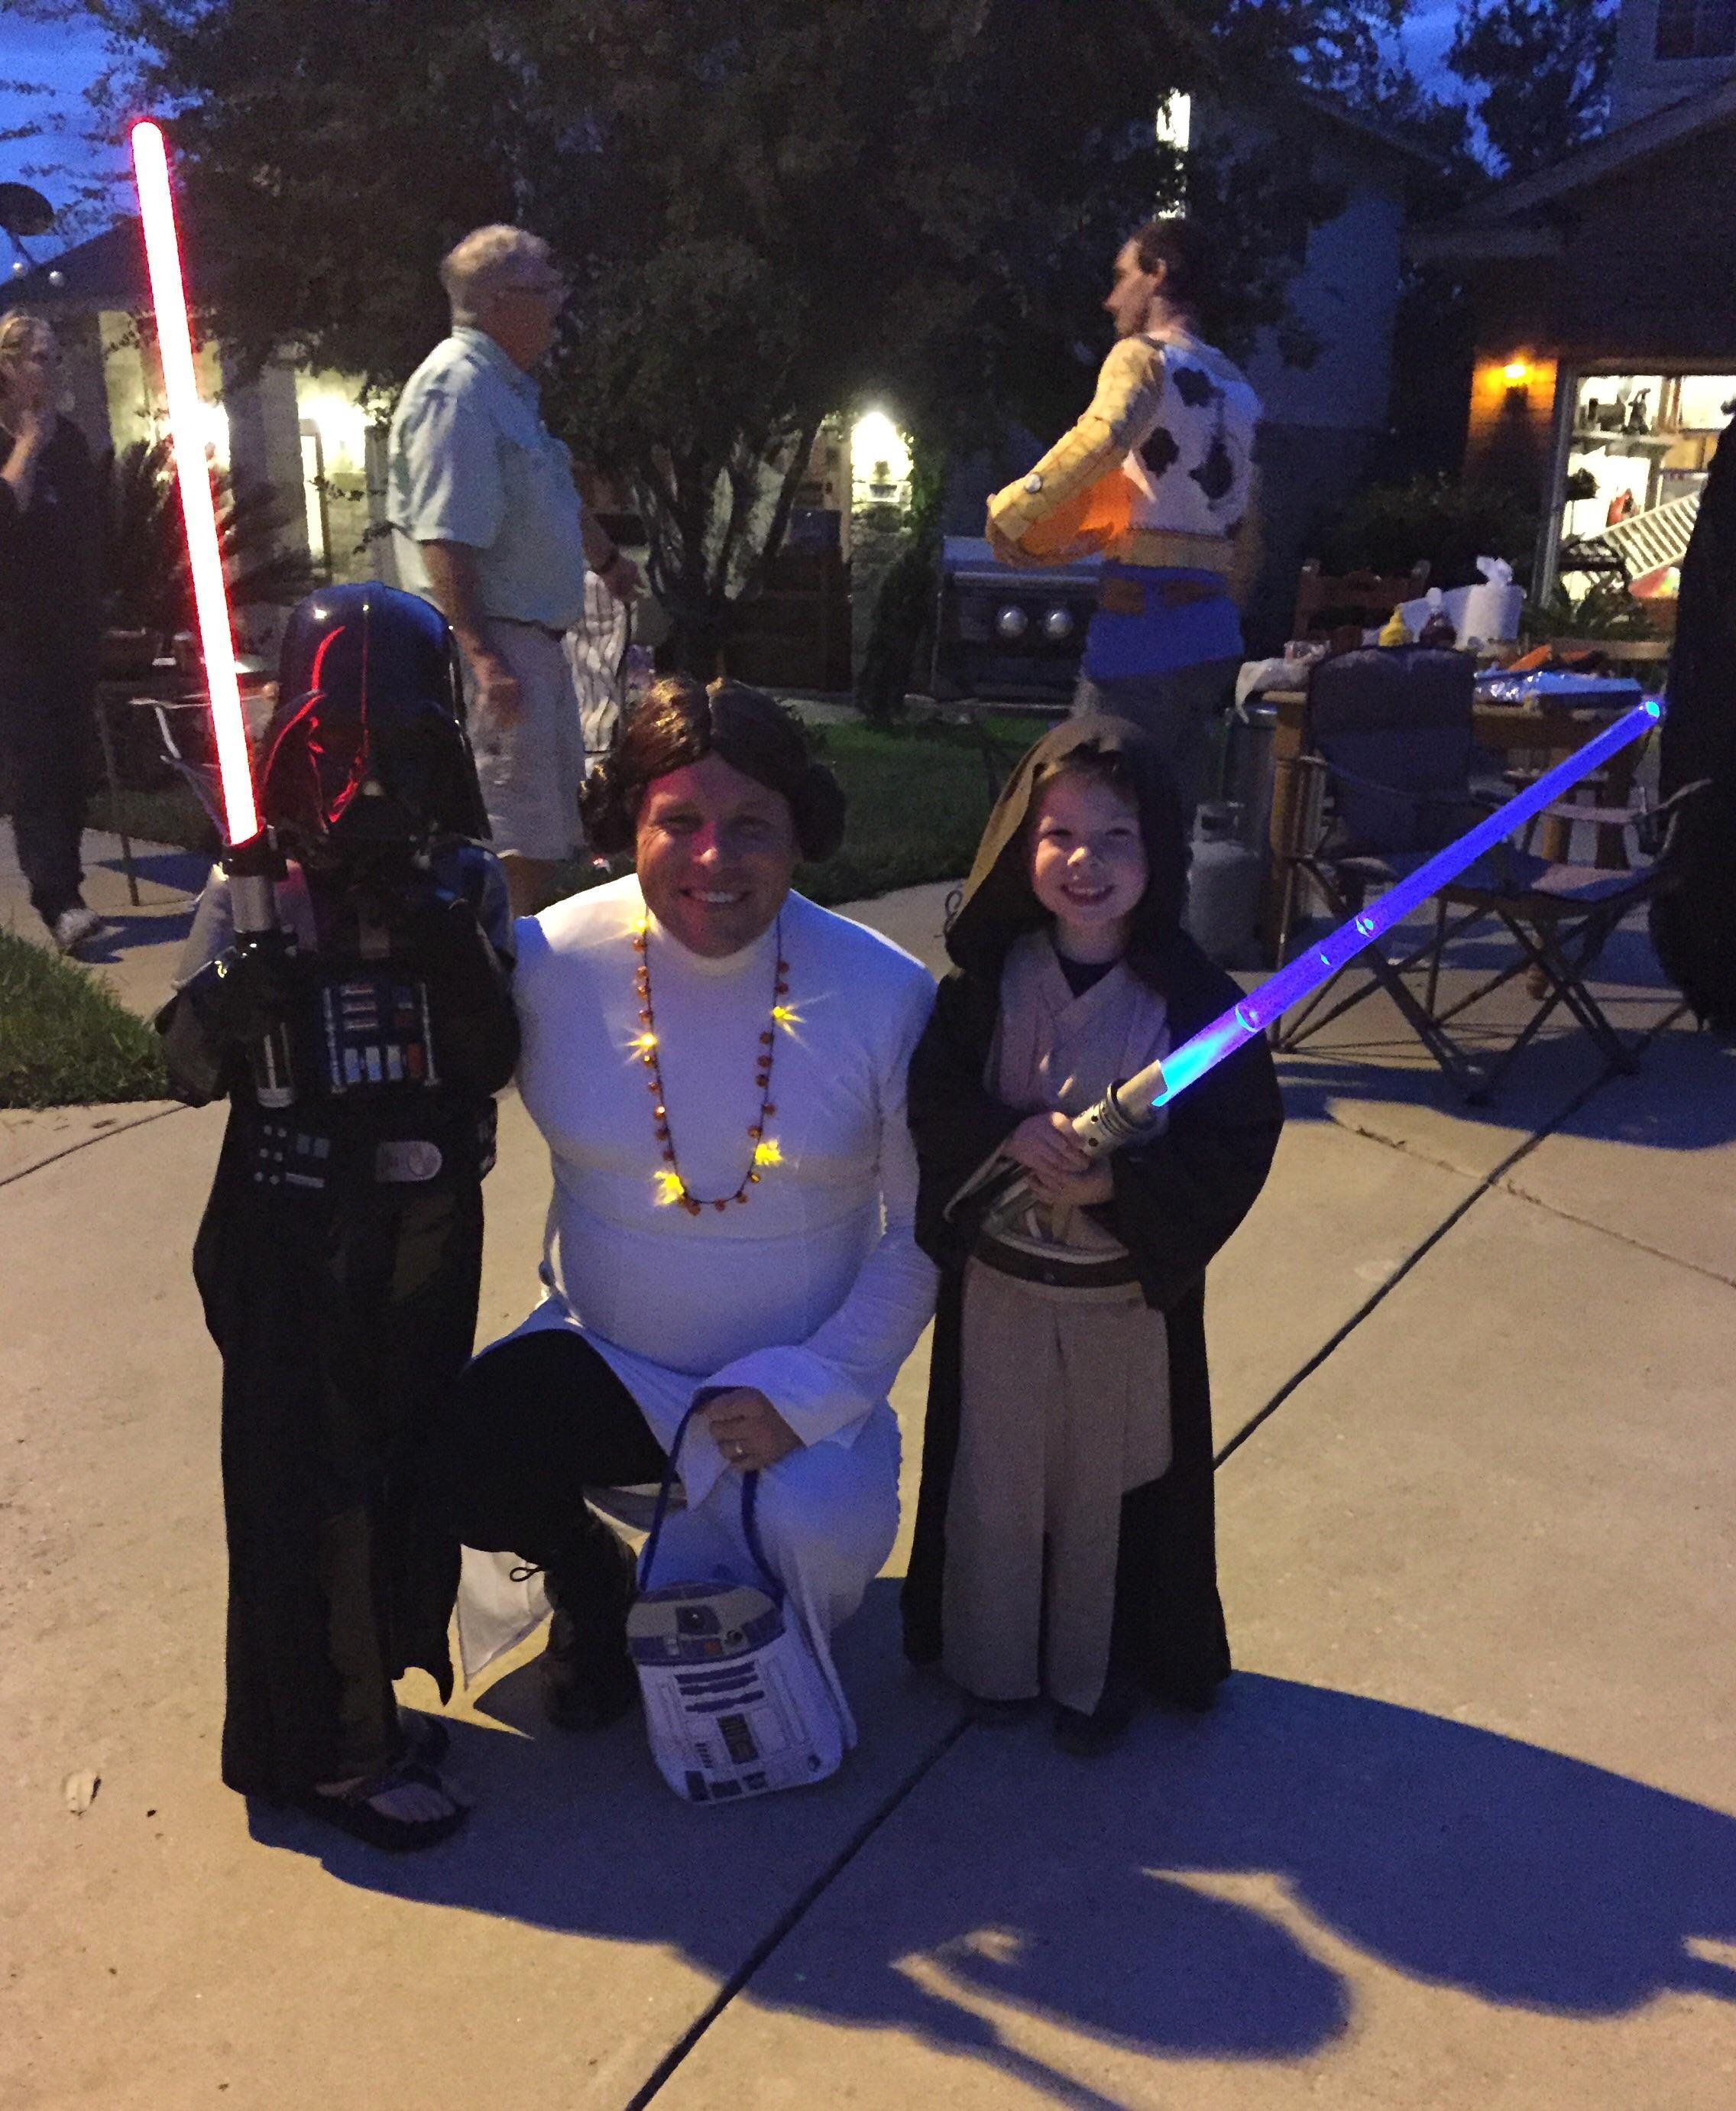 La madre estuvo enferma y los pequeños querían estar con la Princesa Leia. Blue_ridge1 se puso el disfraz, con peinado incluido